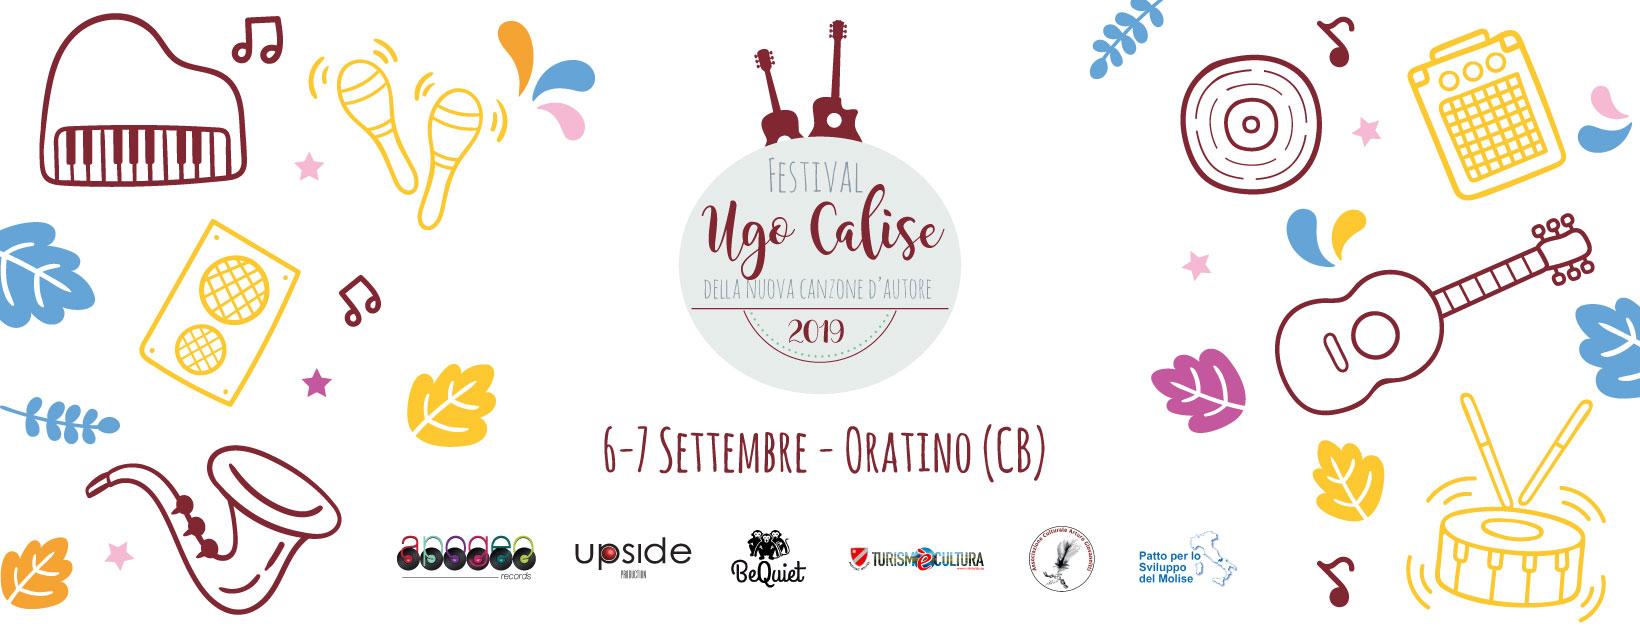 2019.08.29 Torna il Festival della Nuova Canzone dAutore Ugo Calise